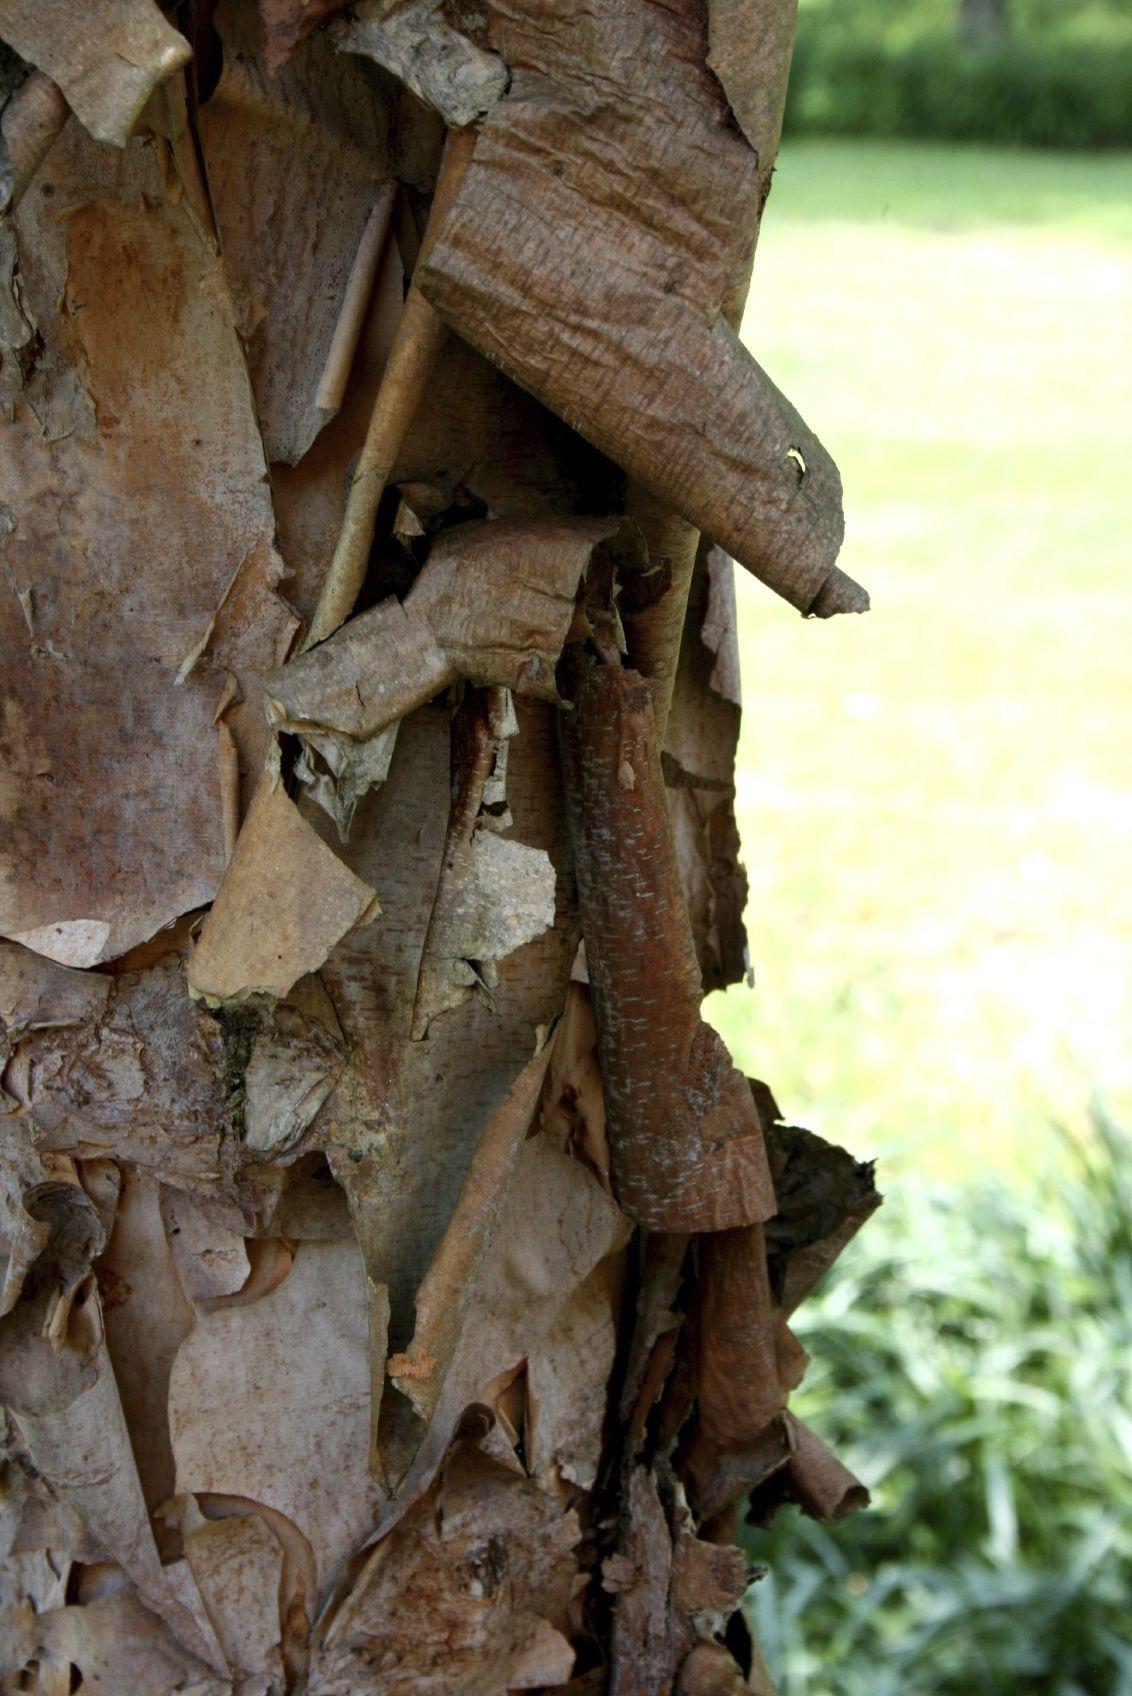 Dogwood Bark Peeling Off: Fixing Tree Bark Flaking On Dogwood Trees ...